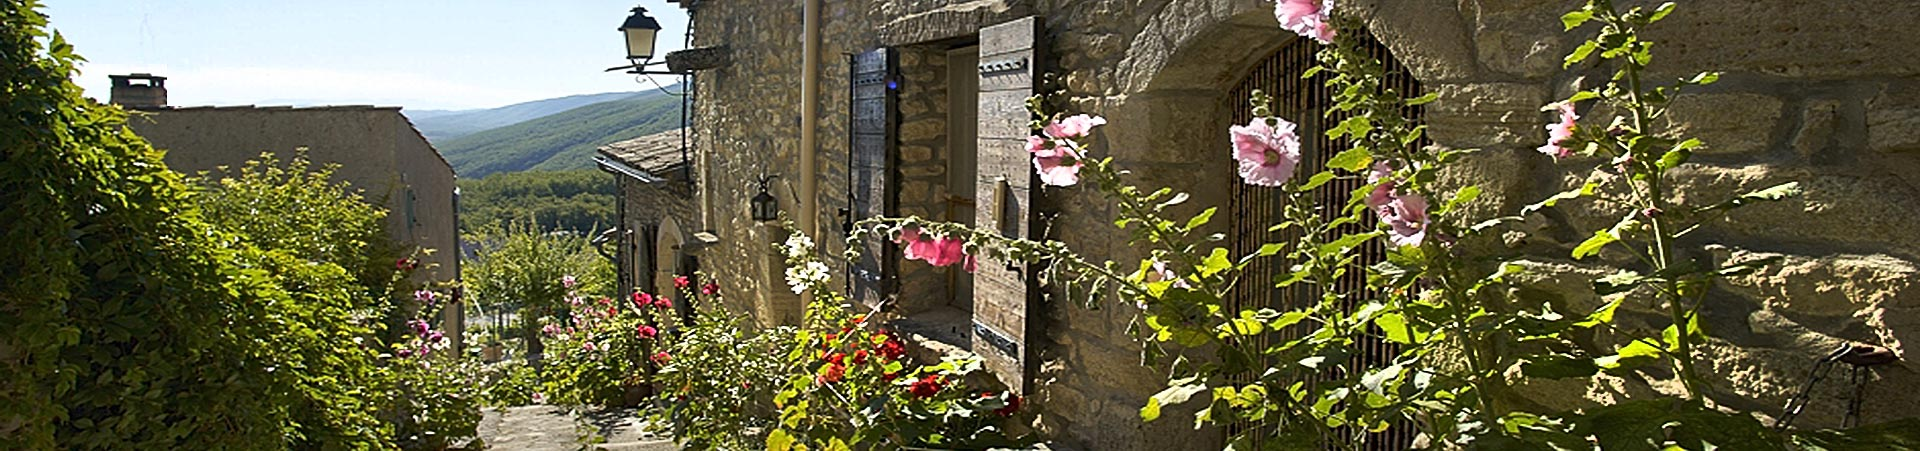 Maison de village achat et vente Luberon